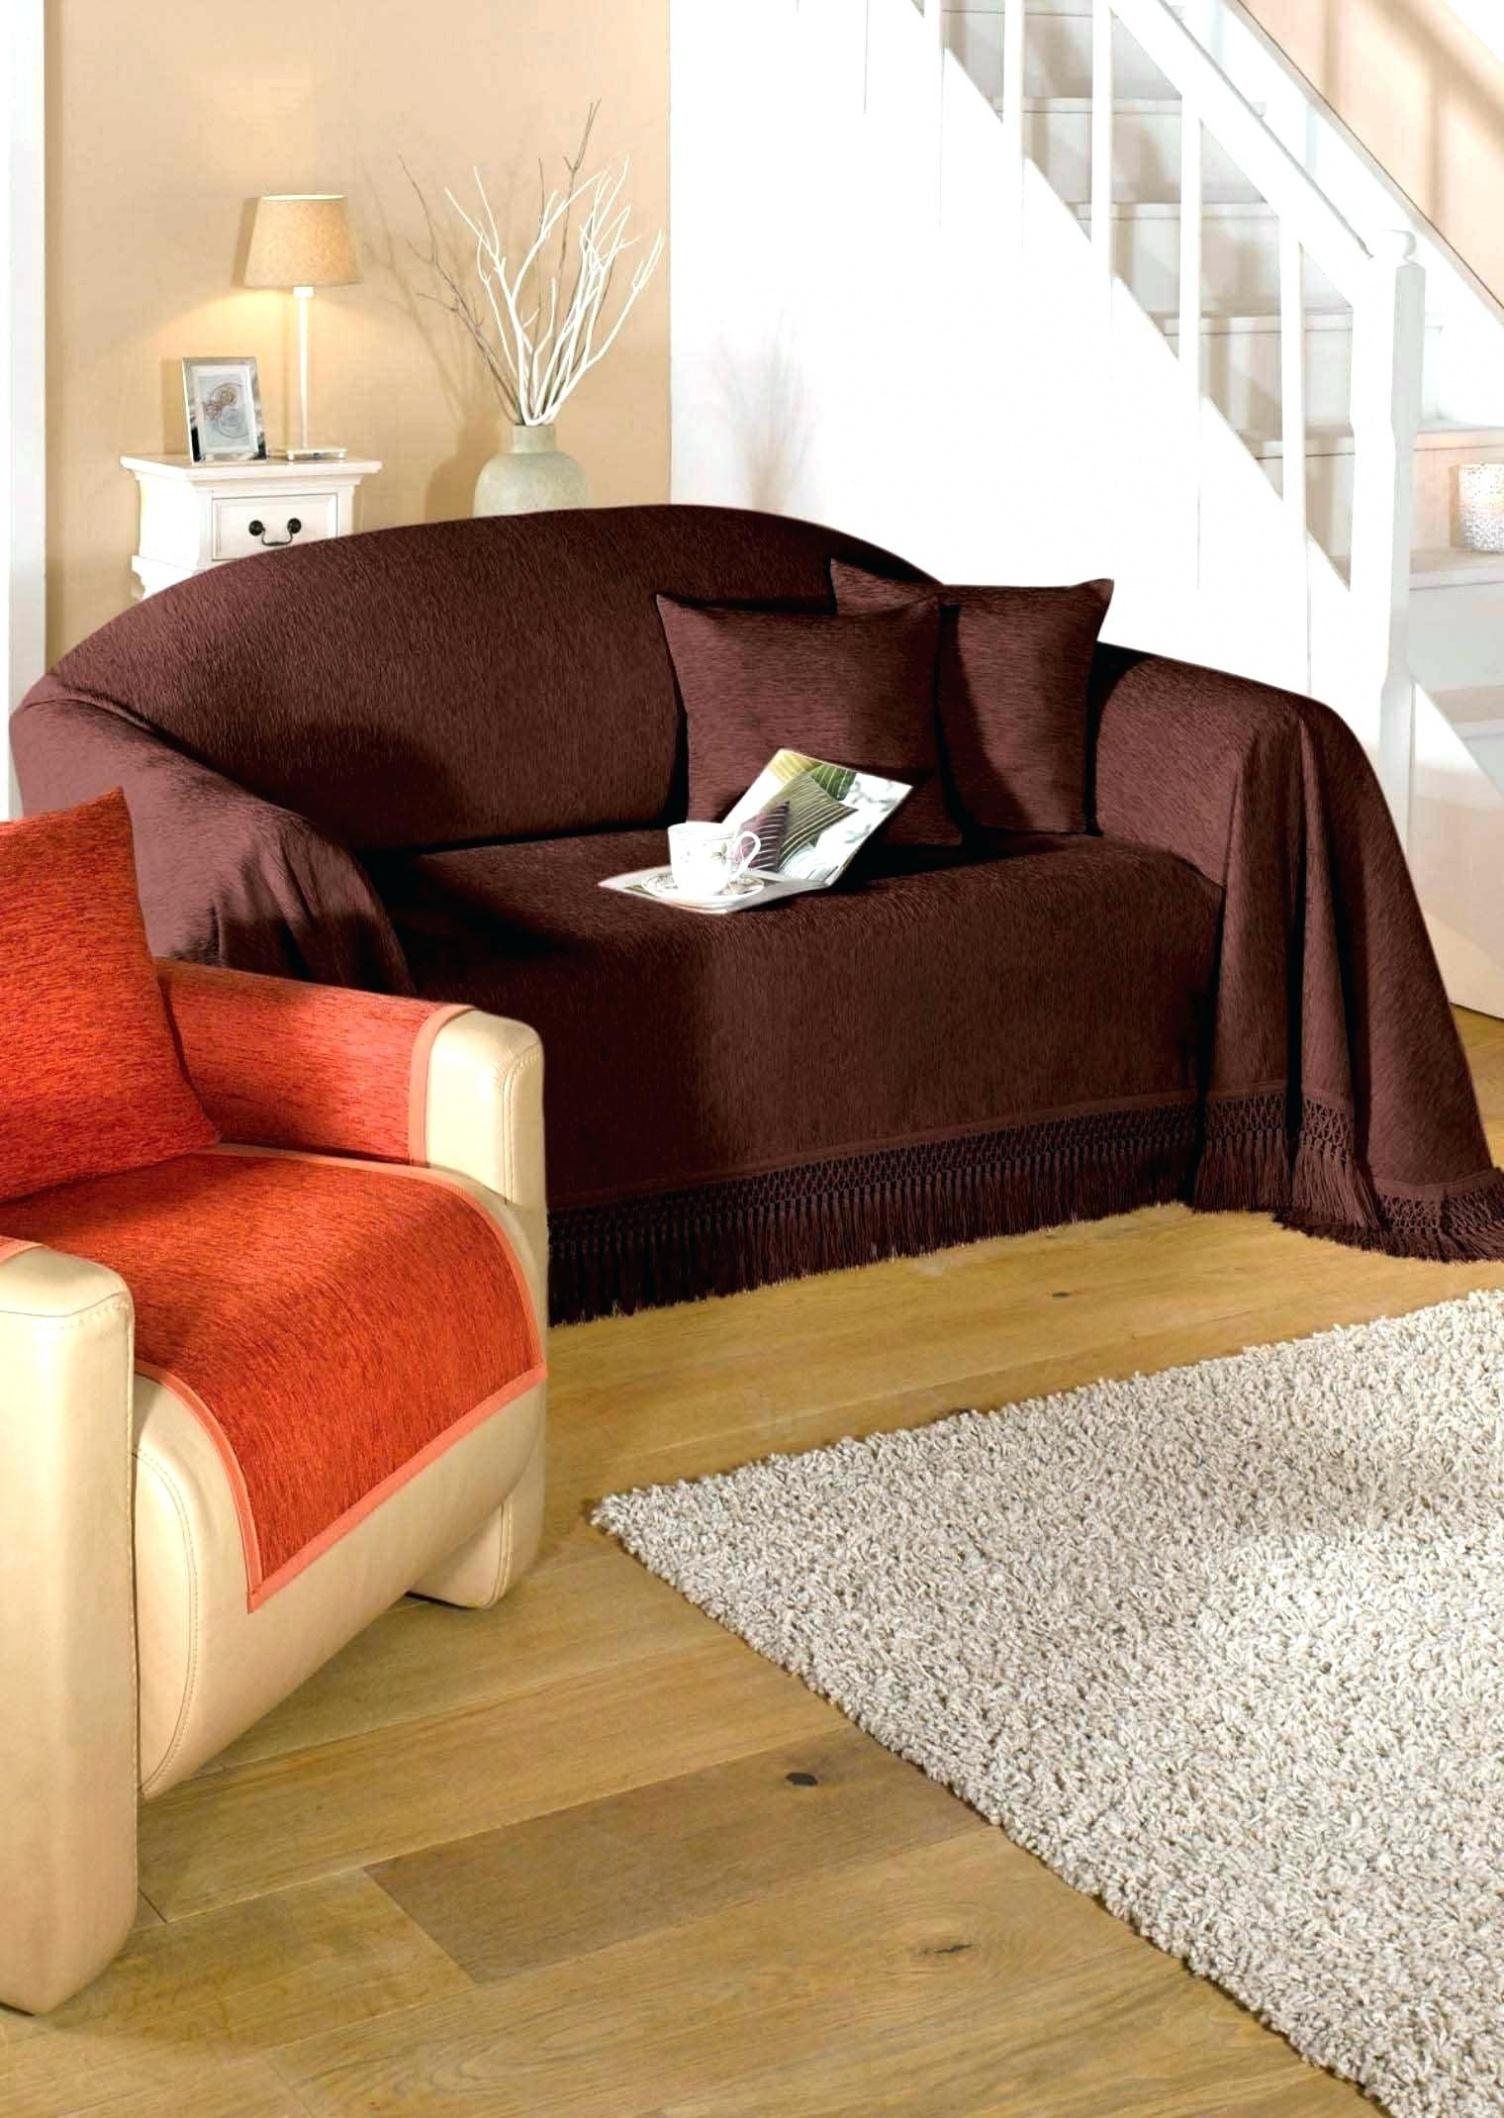 Emporte Piece Gifi Luxe Photos Maha De Grand Plaid Pour Canapé Mahagranda De Home